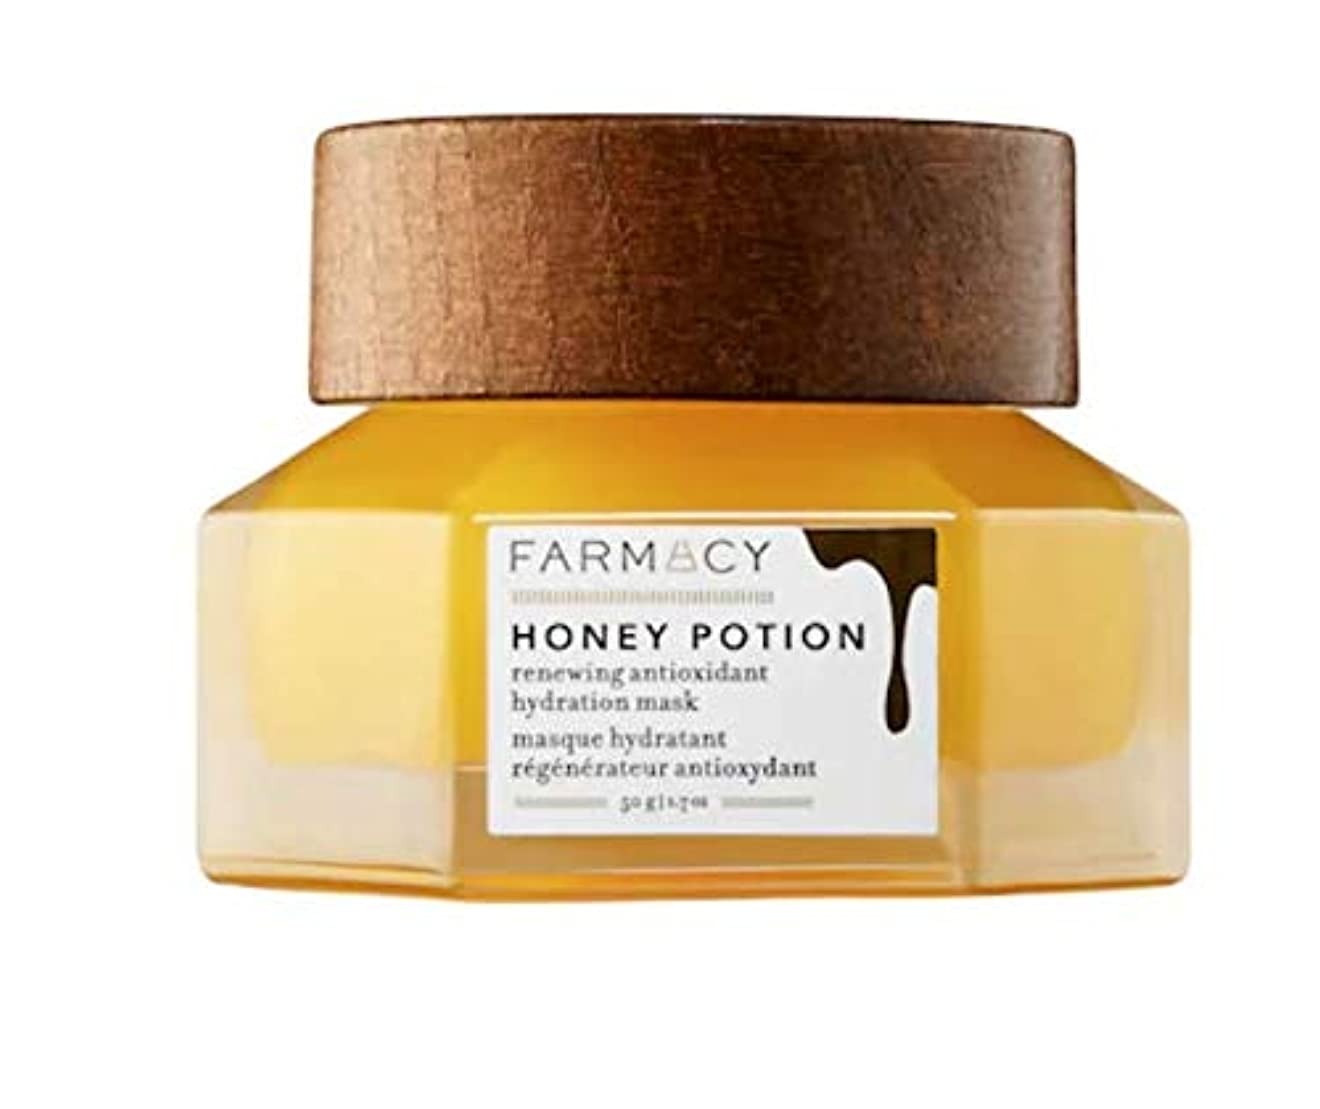 取り消す認知管理ファーマシー FARMACY ハニーポーション リニューイング アンチオキシデント ハイドレーションマスク 50g?Honey Potion Renewing Antioxidant Hydration Mask